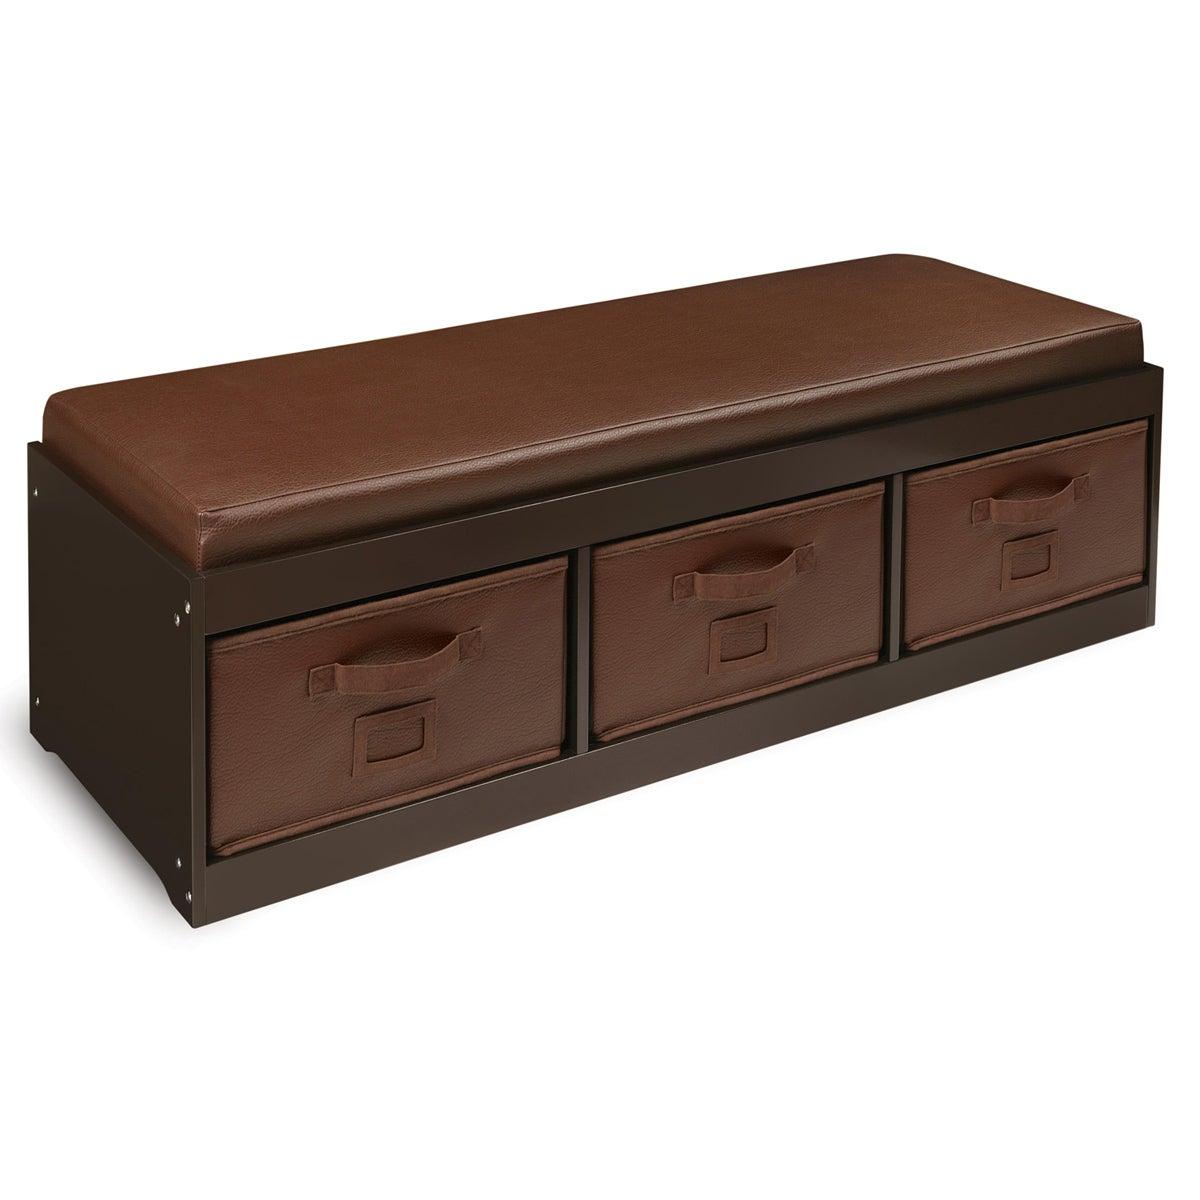 Espresso Kid's Storage Bench with Espresso Bins